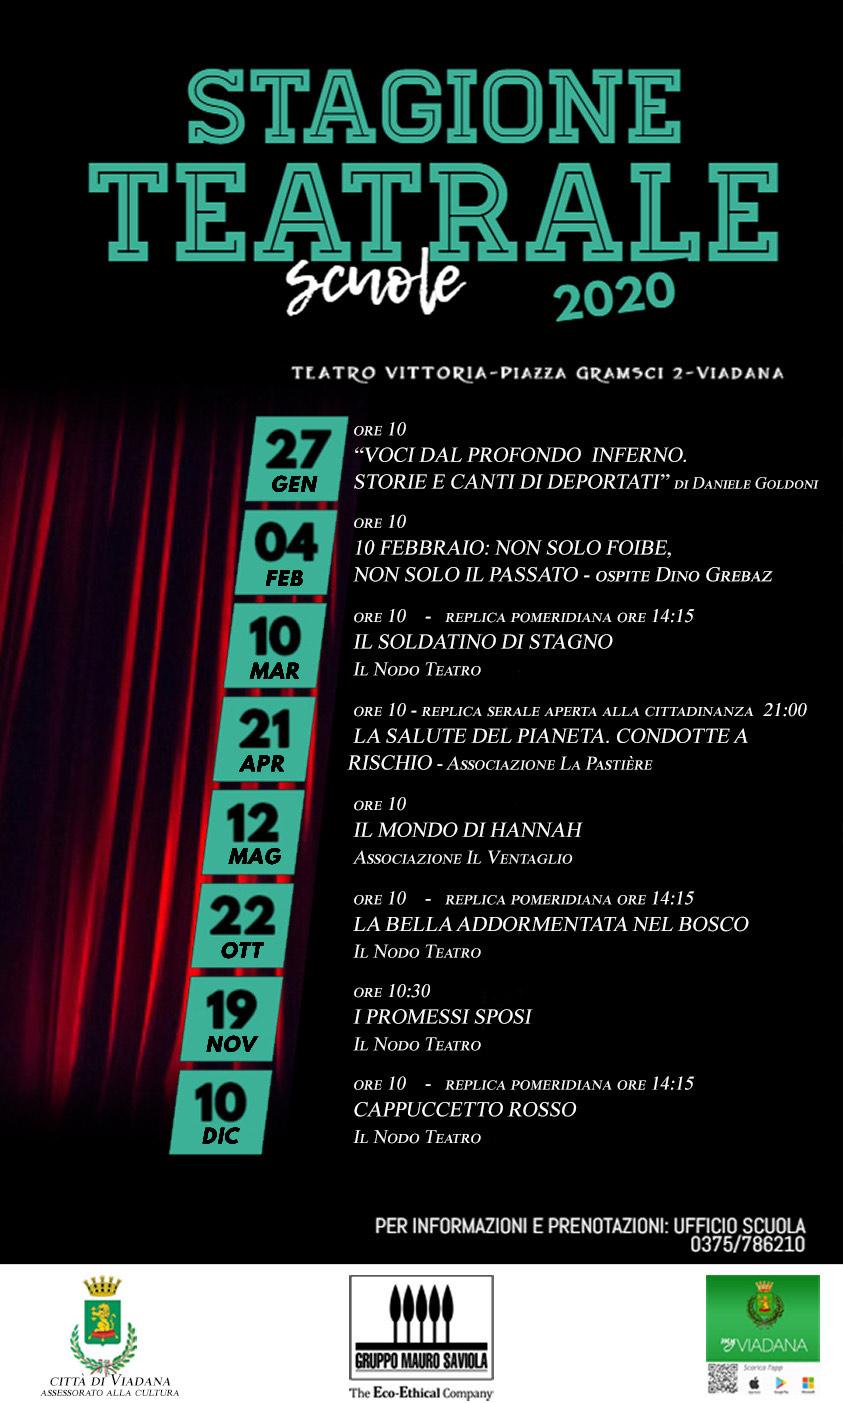 27/01/2020 - STAGIONE TEATRALE SCUOLE 2020